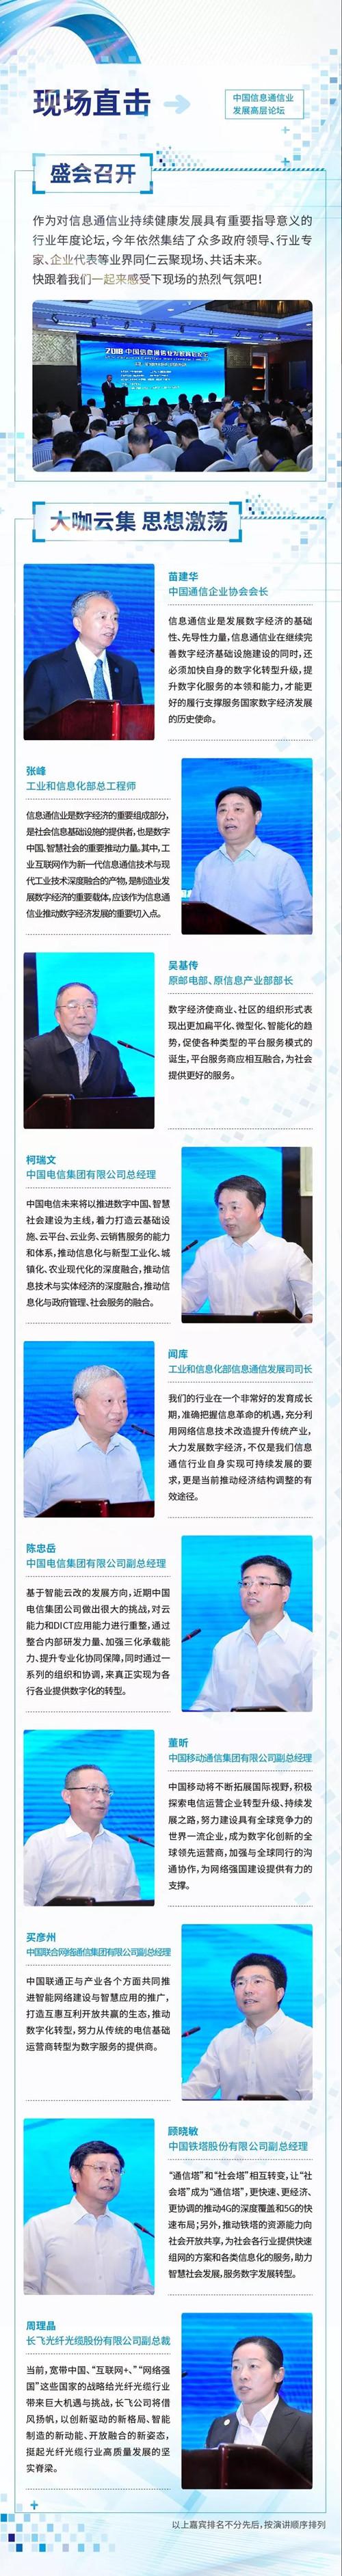 长飞公司受邀参加中国信息通信业发展高层论坛